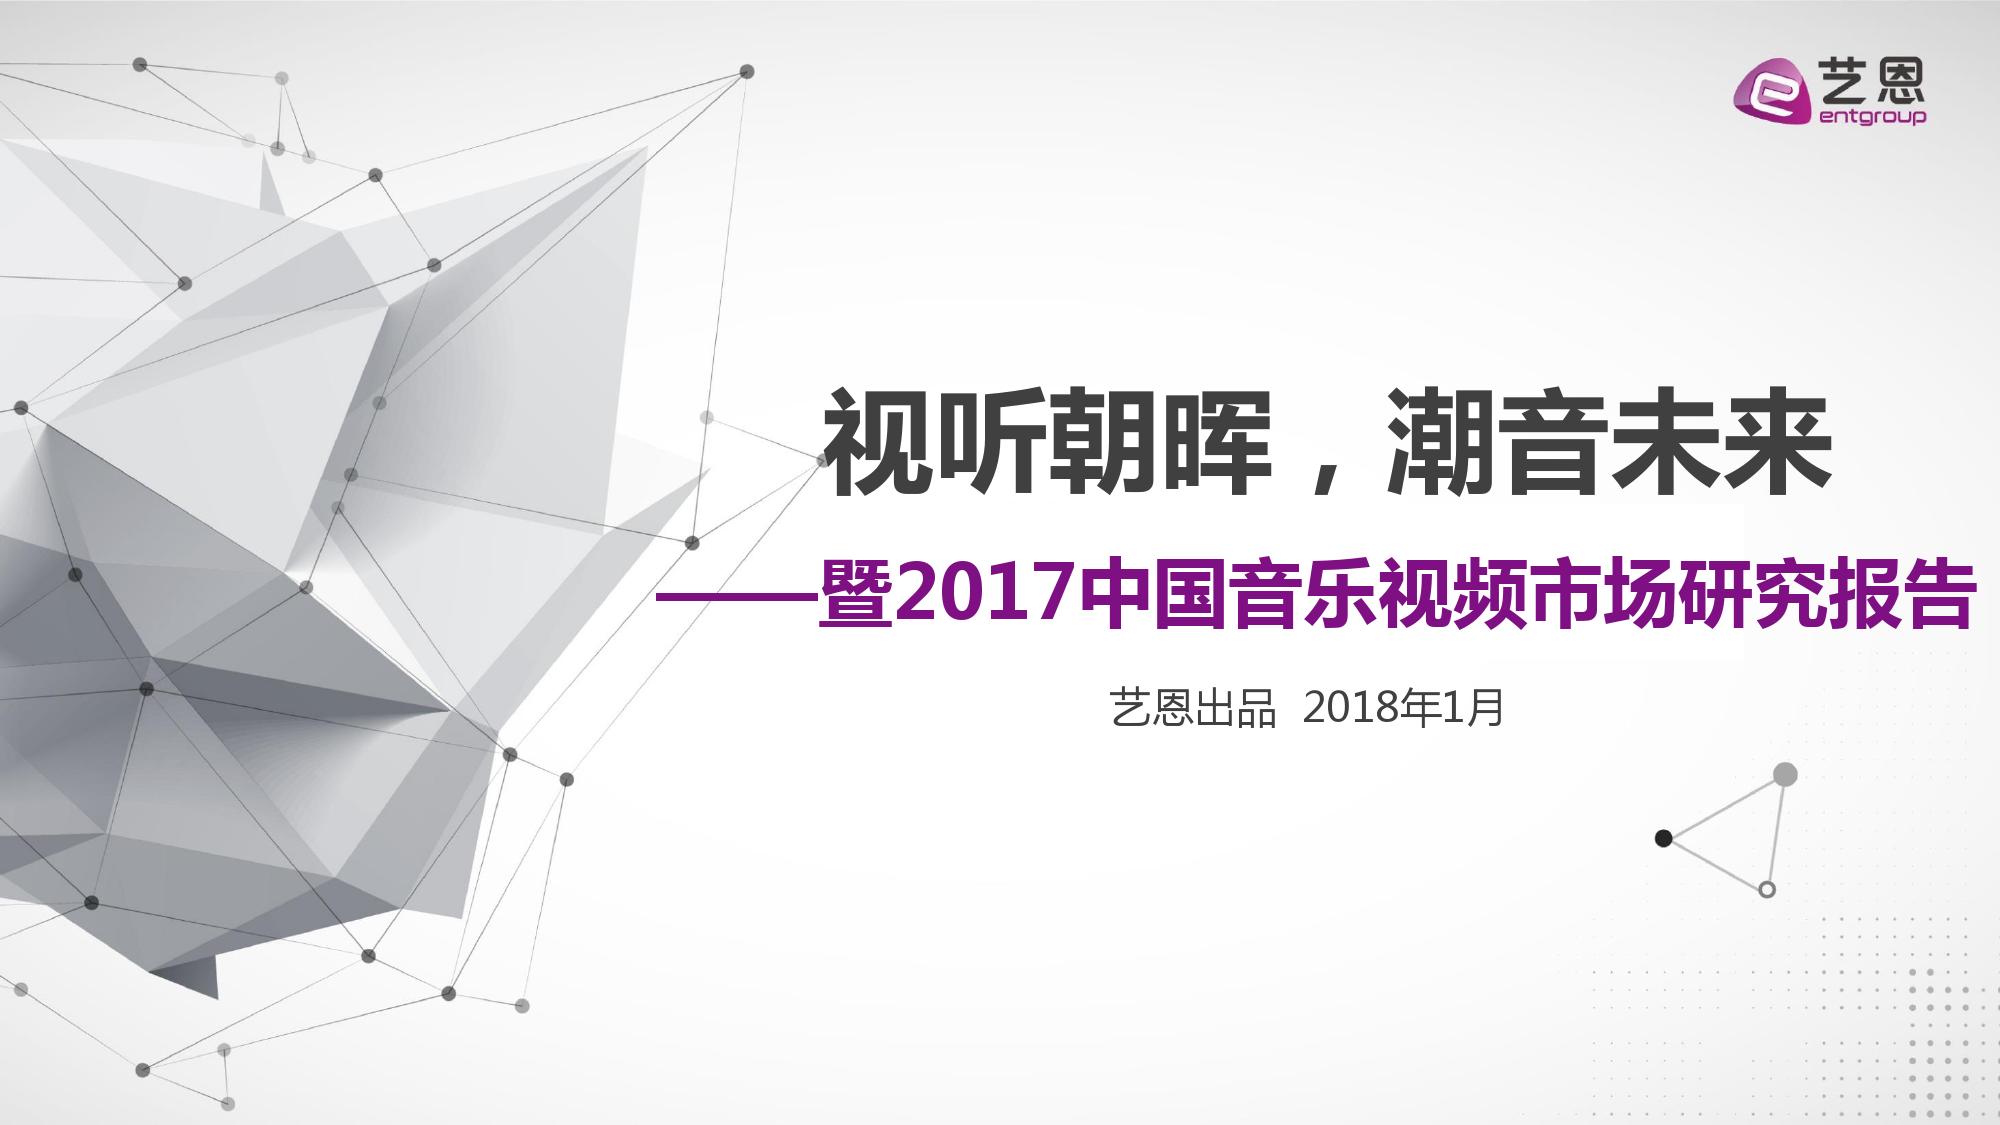 艺恩咨询:2017中国视频音乐市场研究报告(附下载)